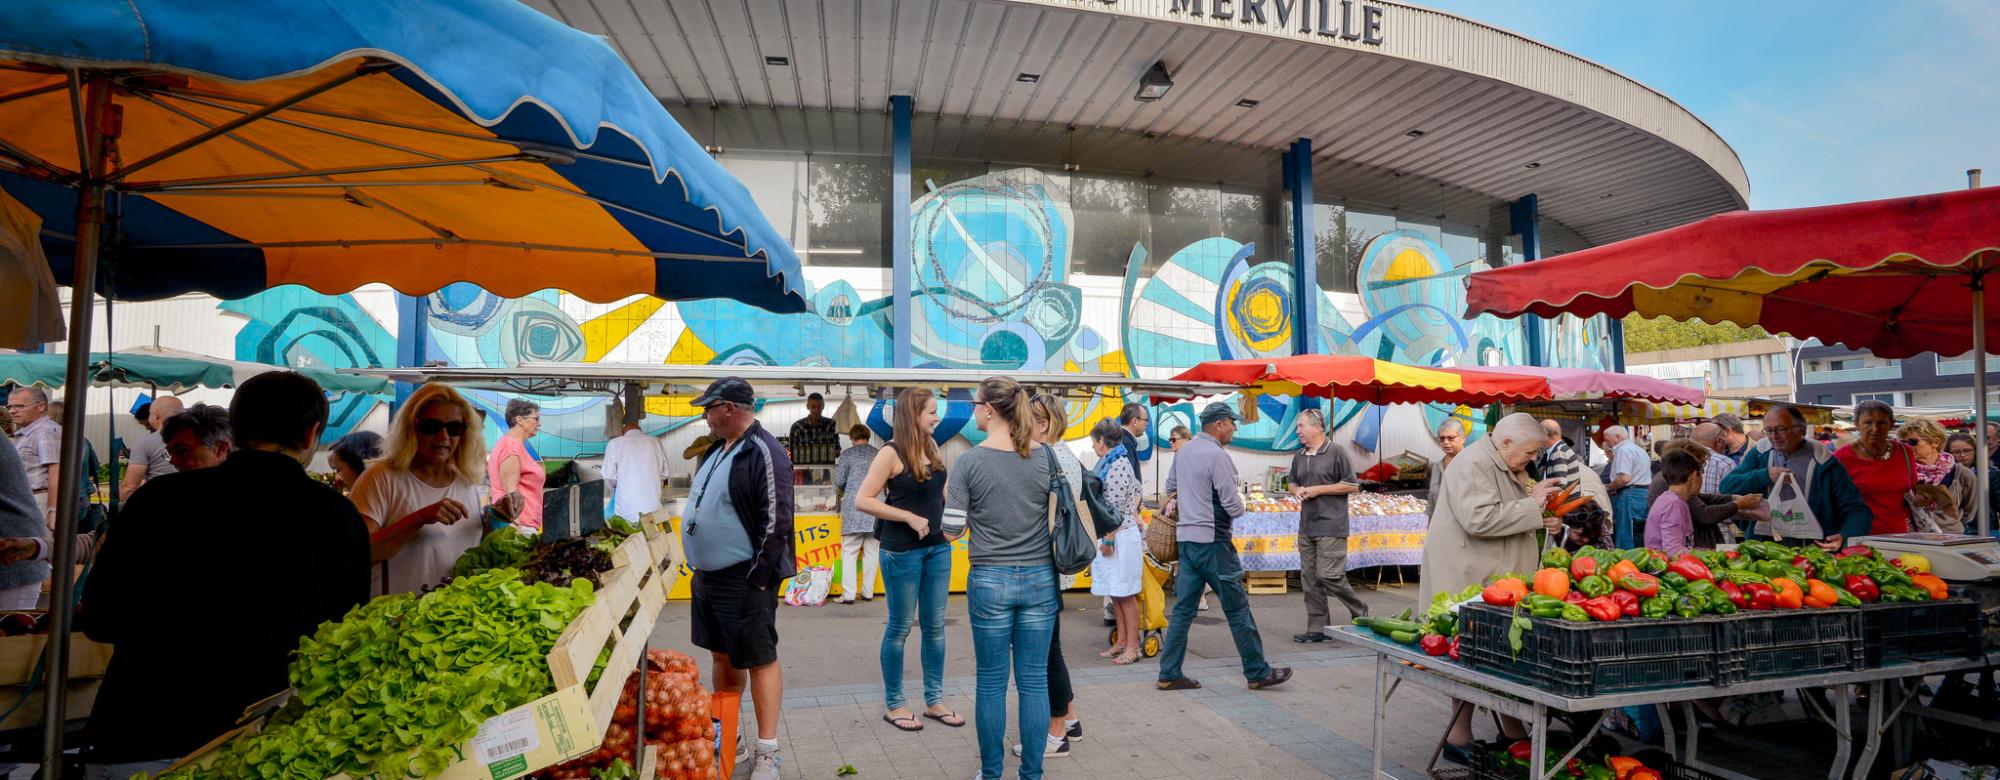 Le marché de Merville à Lorient, chaque mercredi et samedi matin.